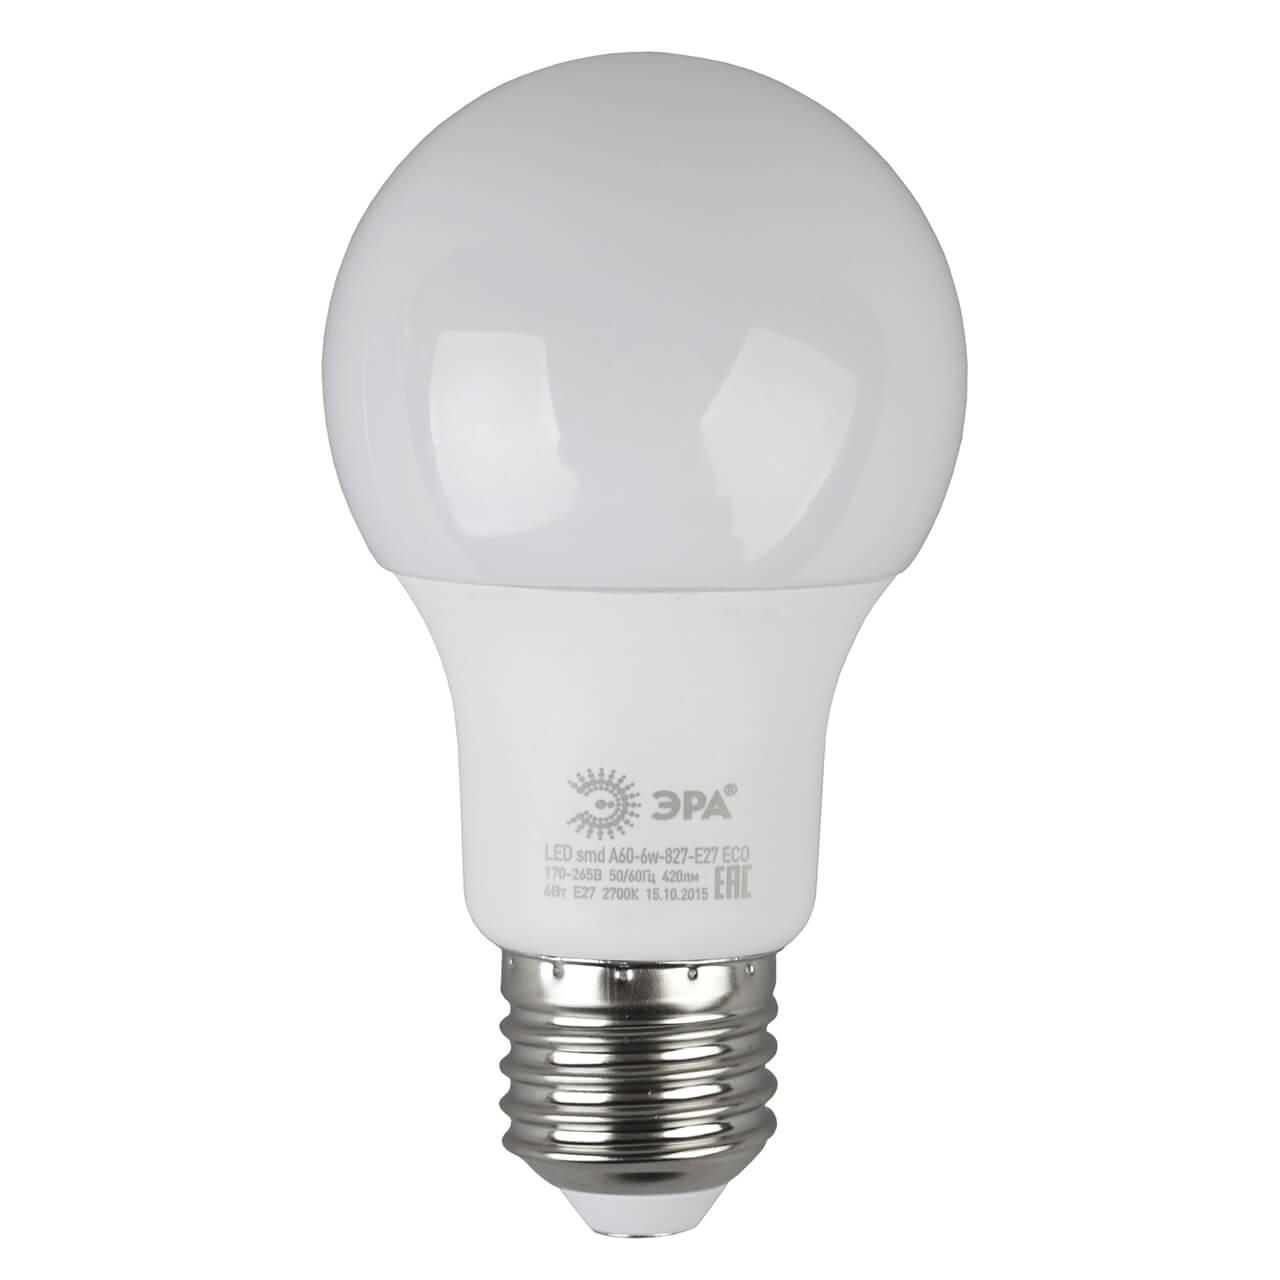 Лампа светодиодная ЭРА E27 6W 2700K матовая ECO LED A60-6W-827-E27 лампа светодиодная e27 6w 3300k матовая 4690389081514